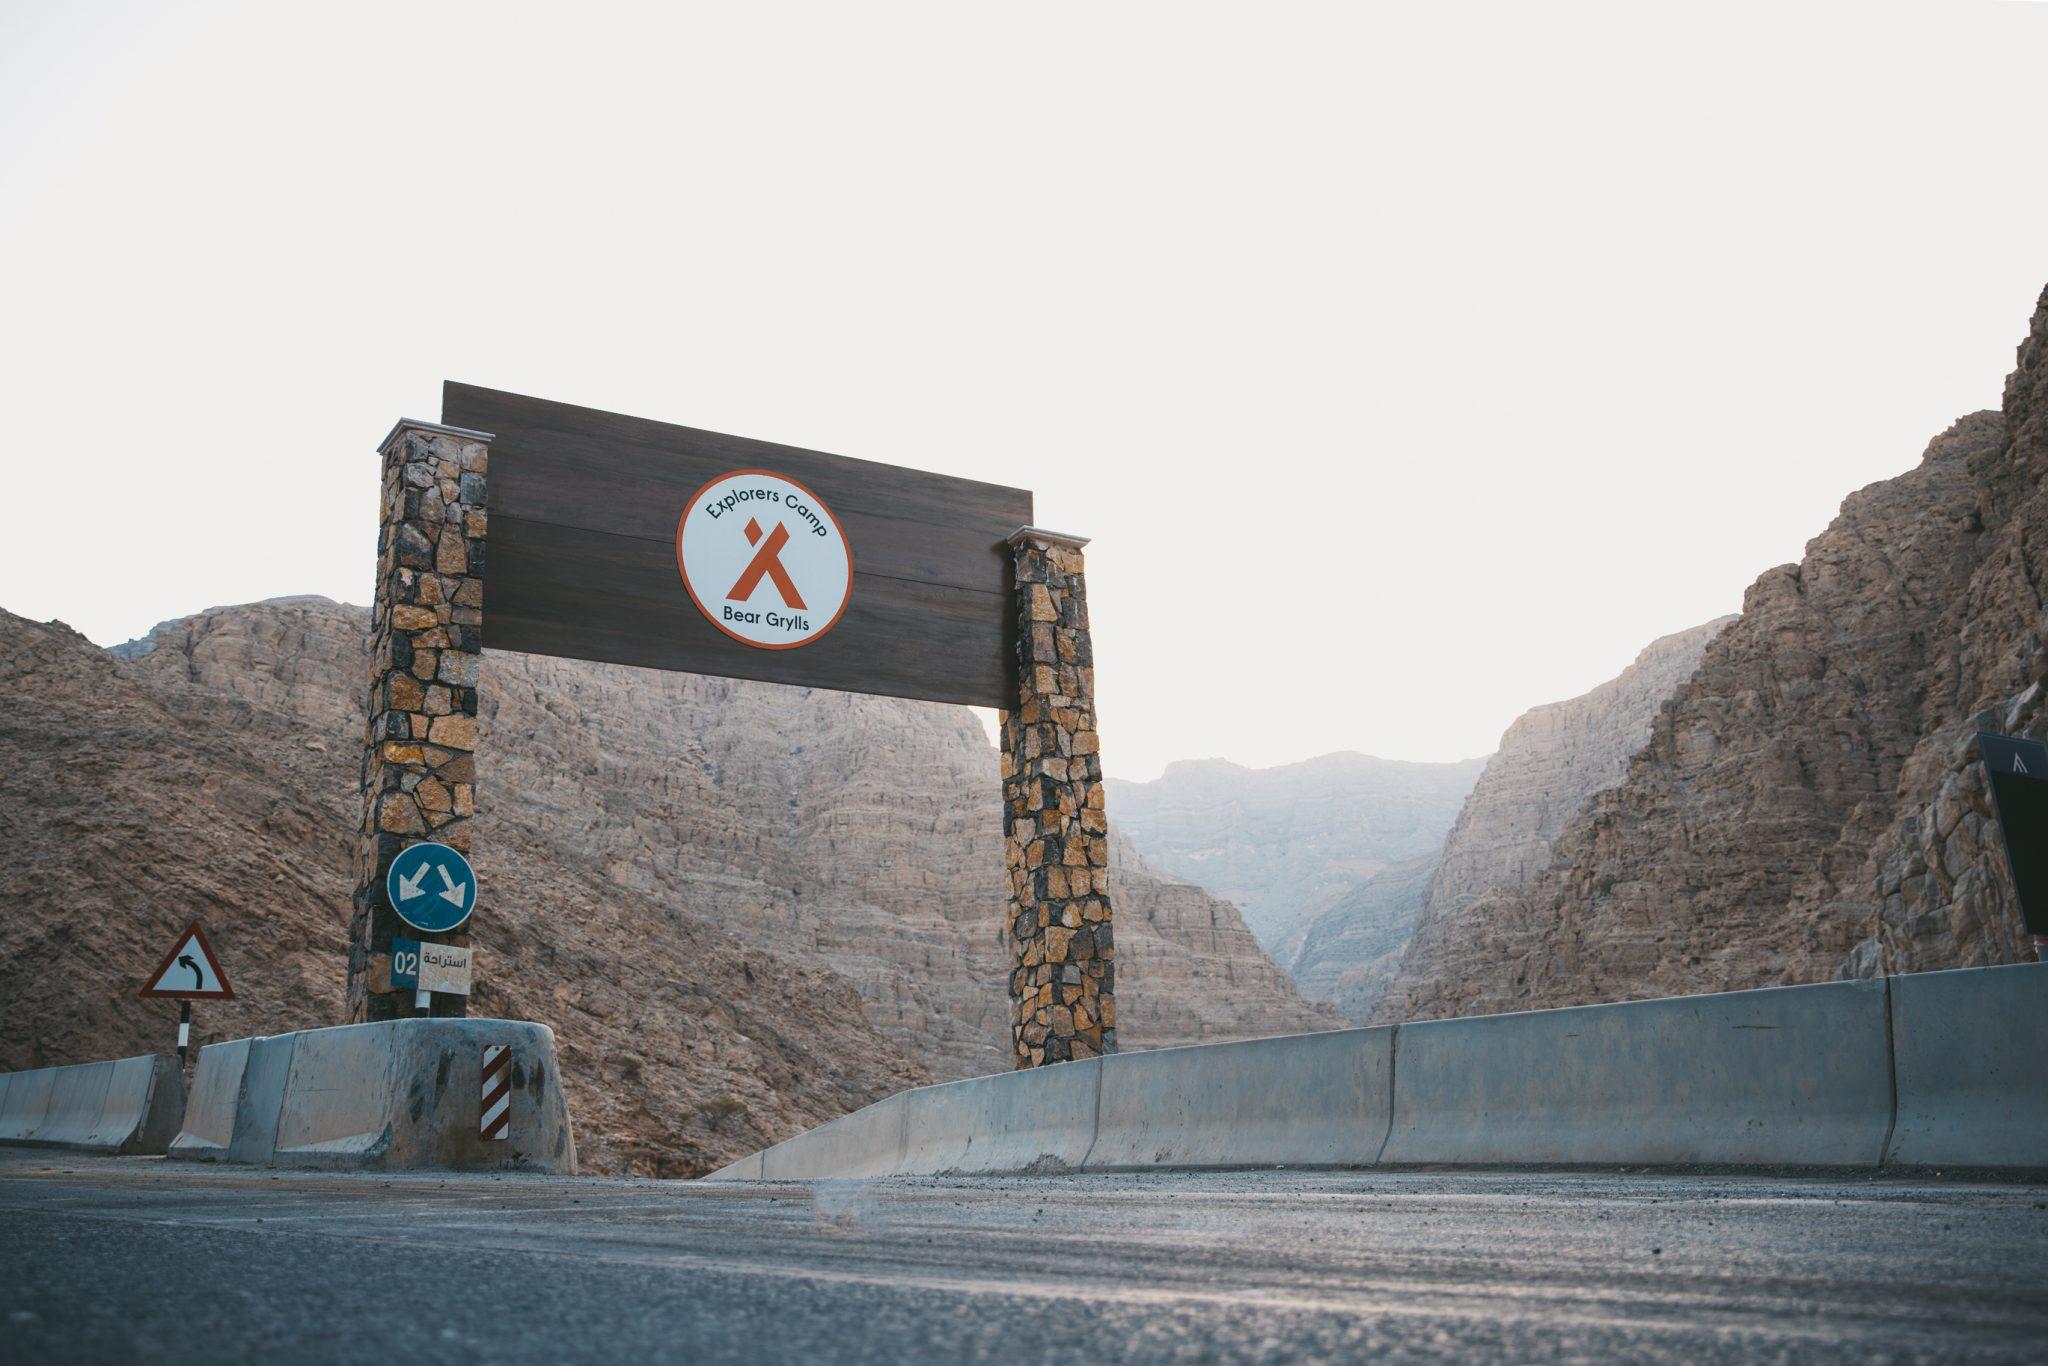 هيئة رأس الخيمة لتنمية السياحة تحقق جائزة أسعد بيئة عمل في الإمارة